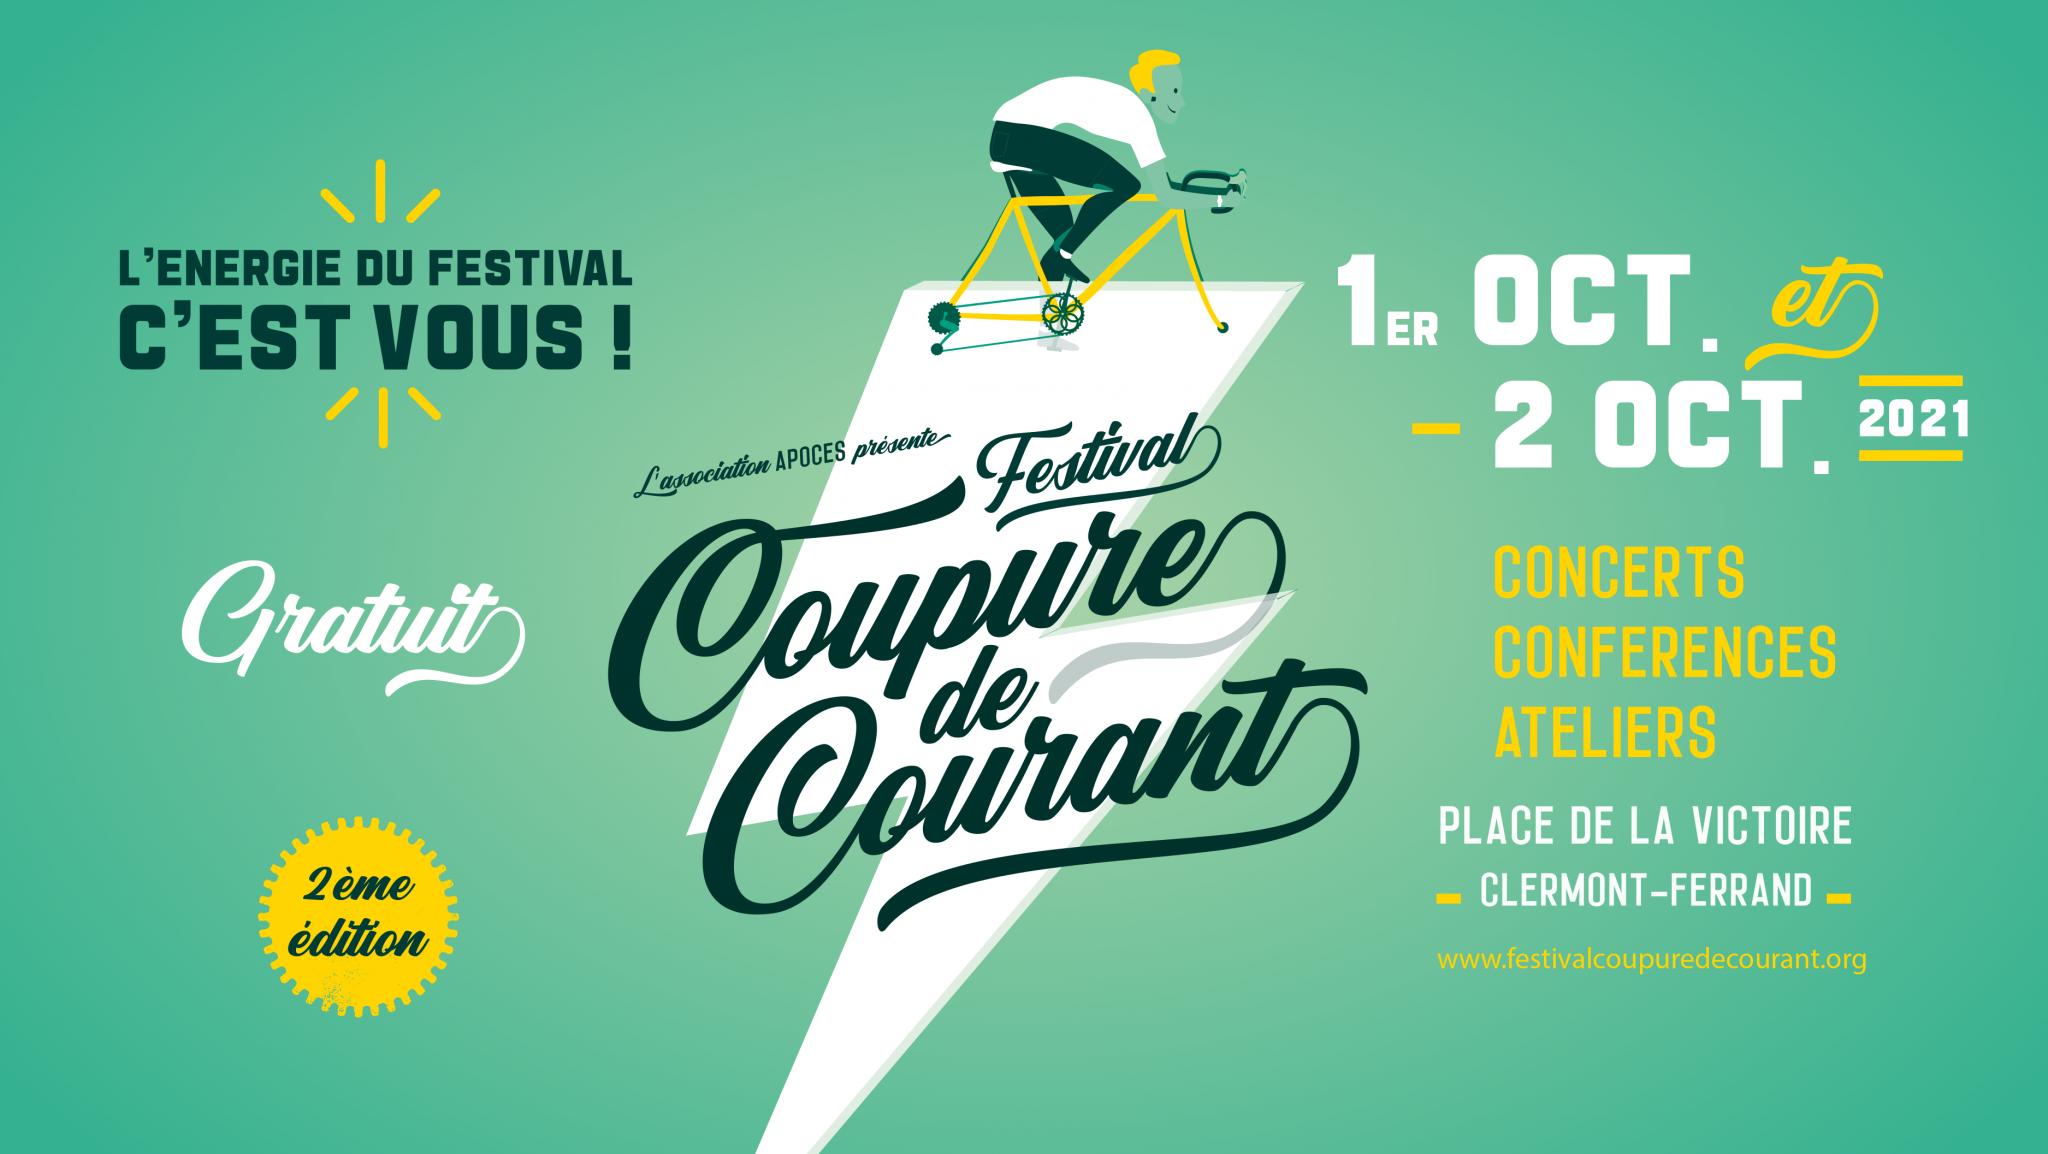 Festival Coupure de Courant